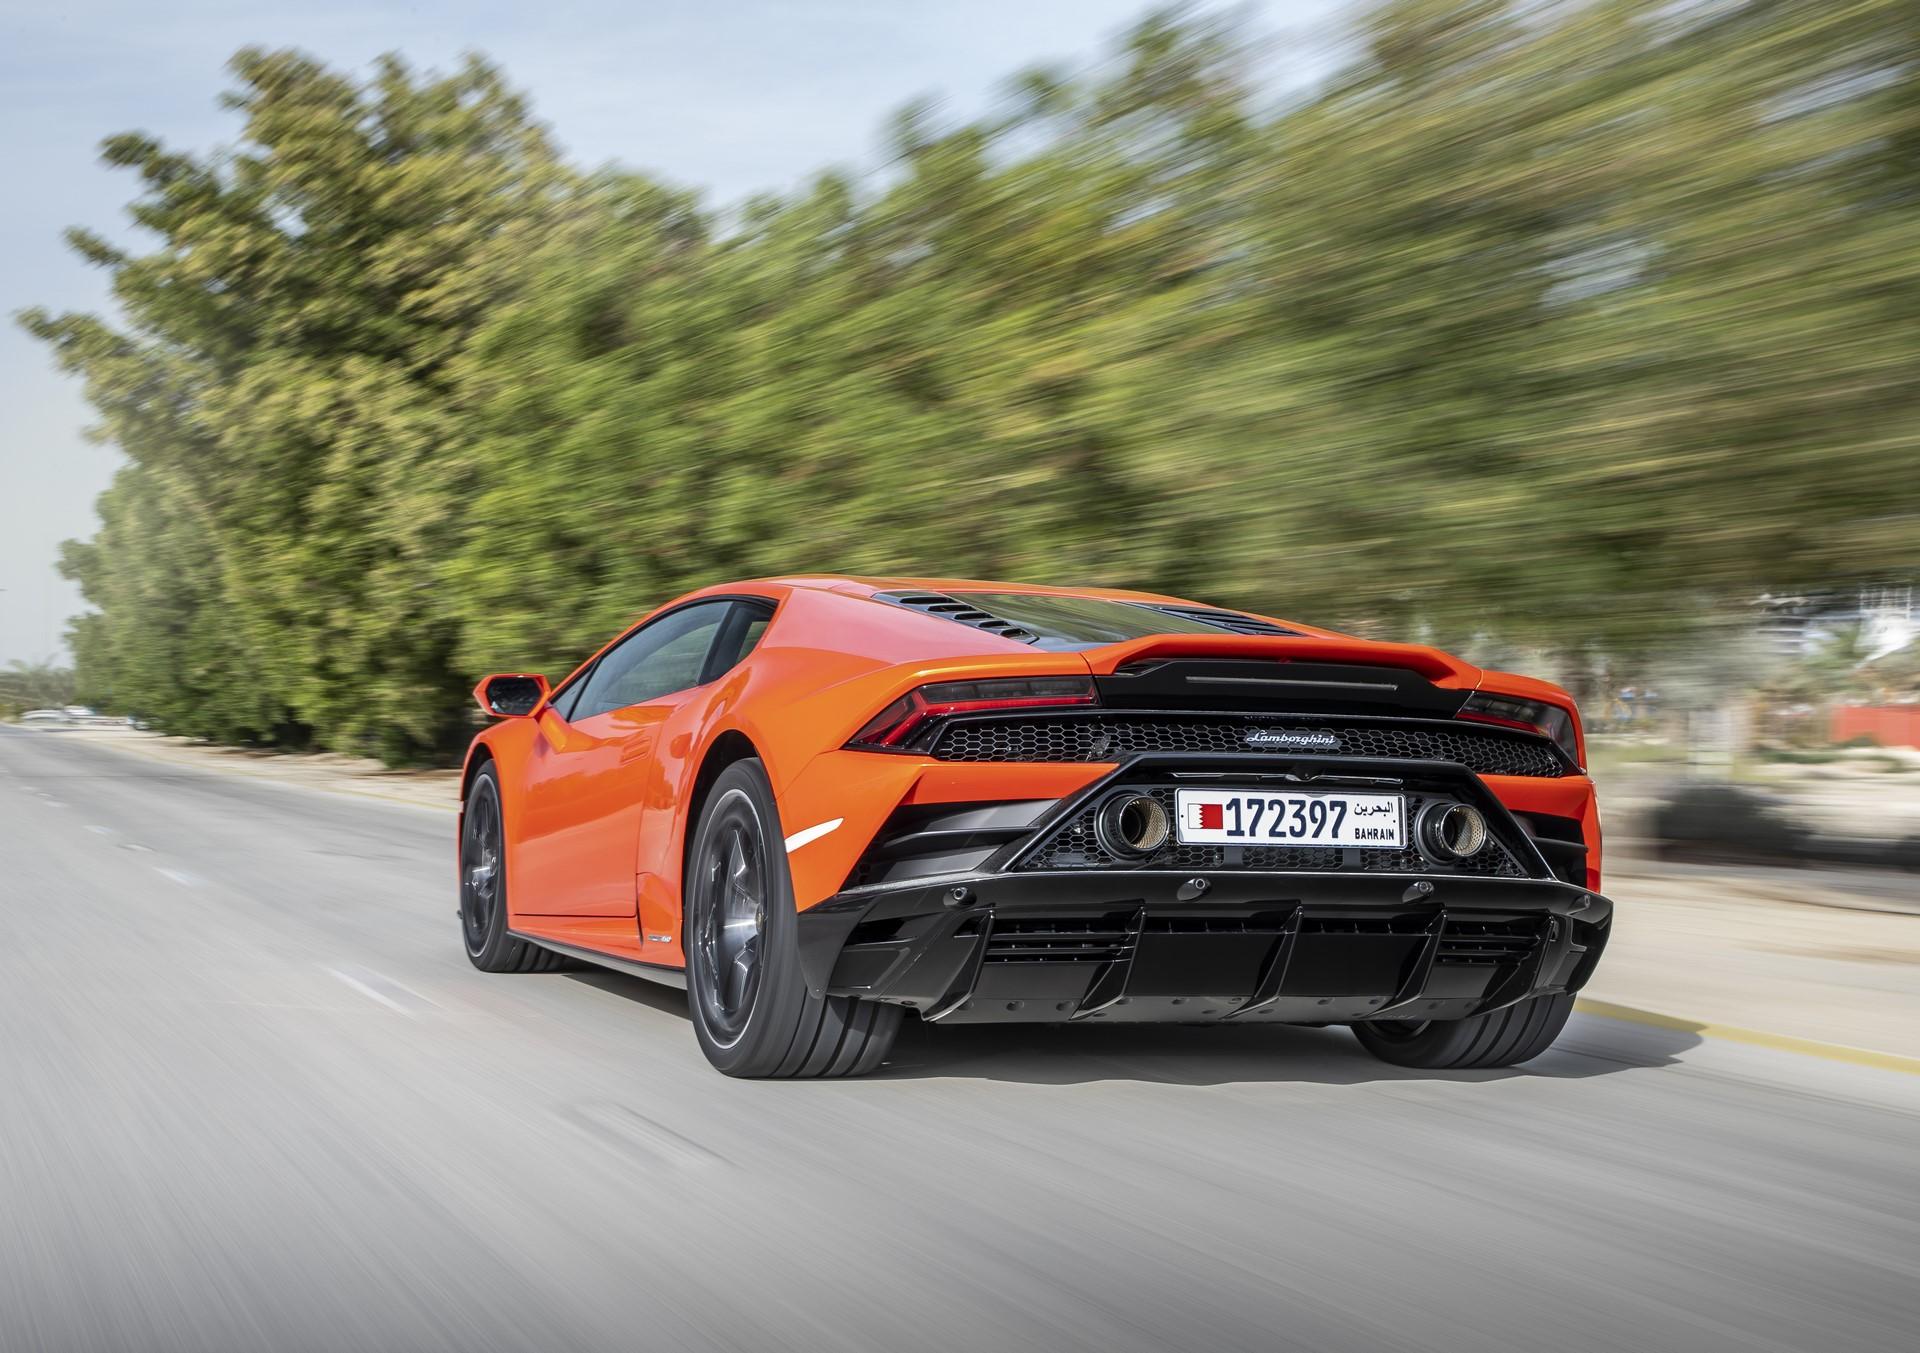 Lamborghini Huracan Evo 2019 (5)